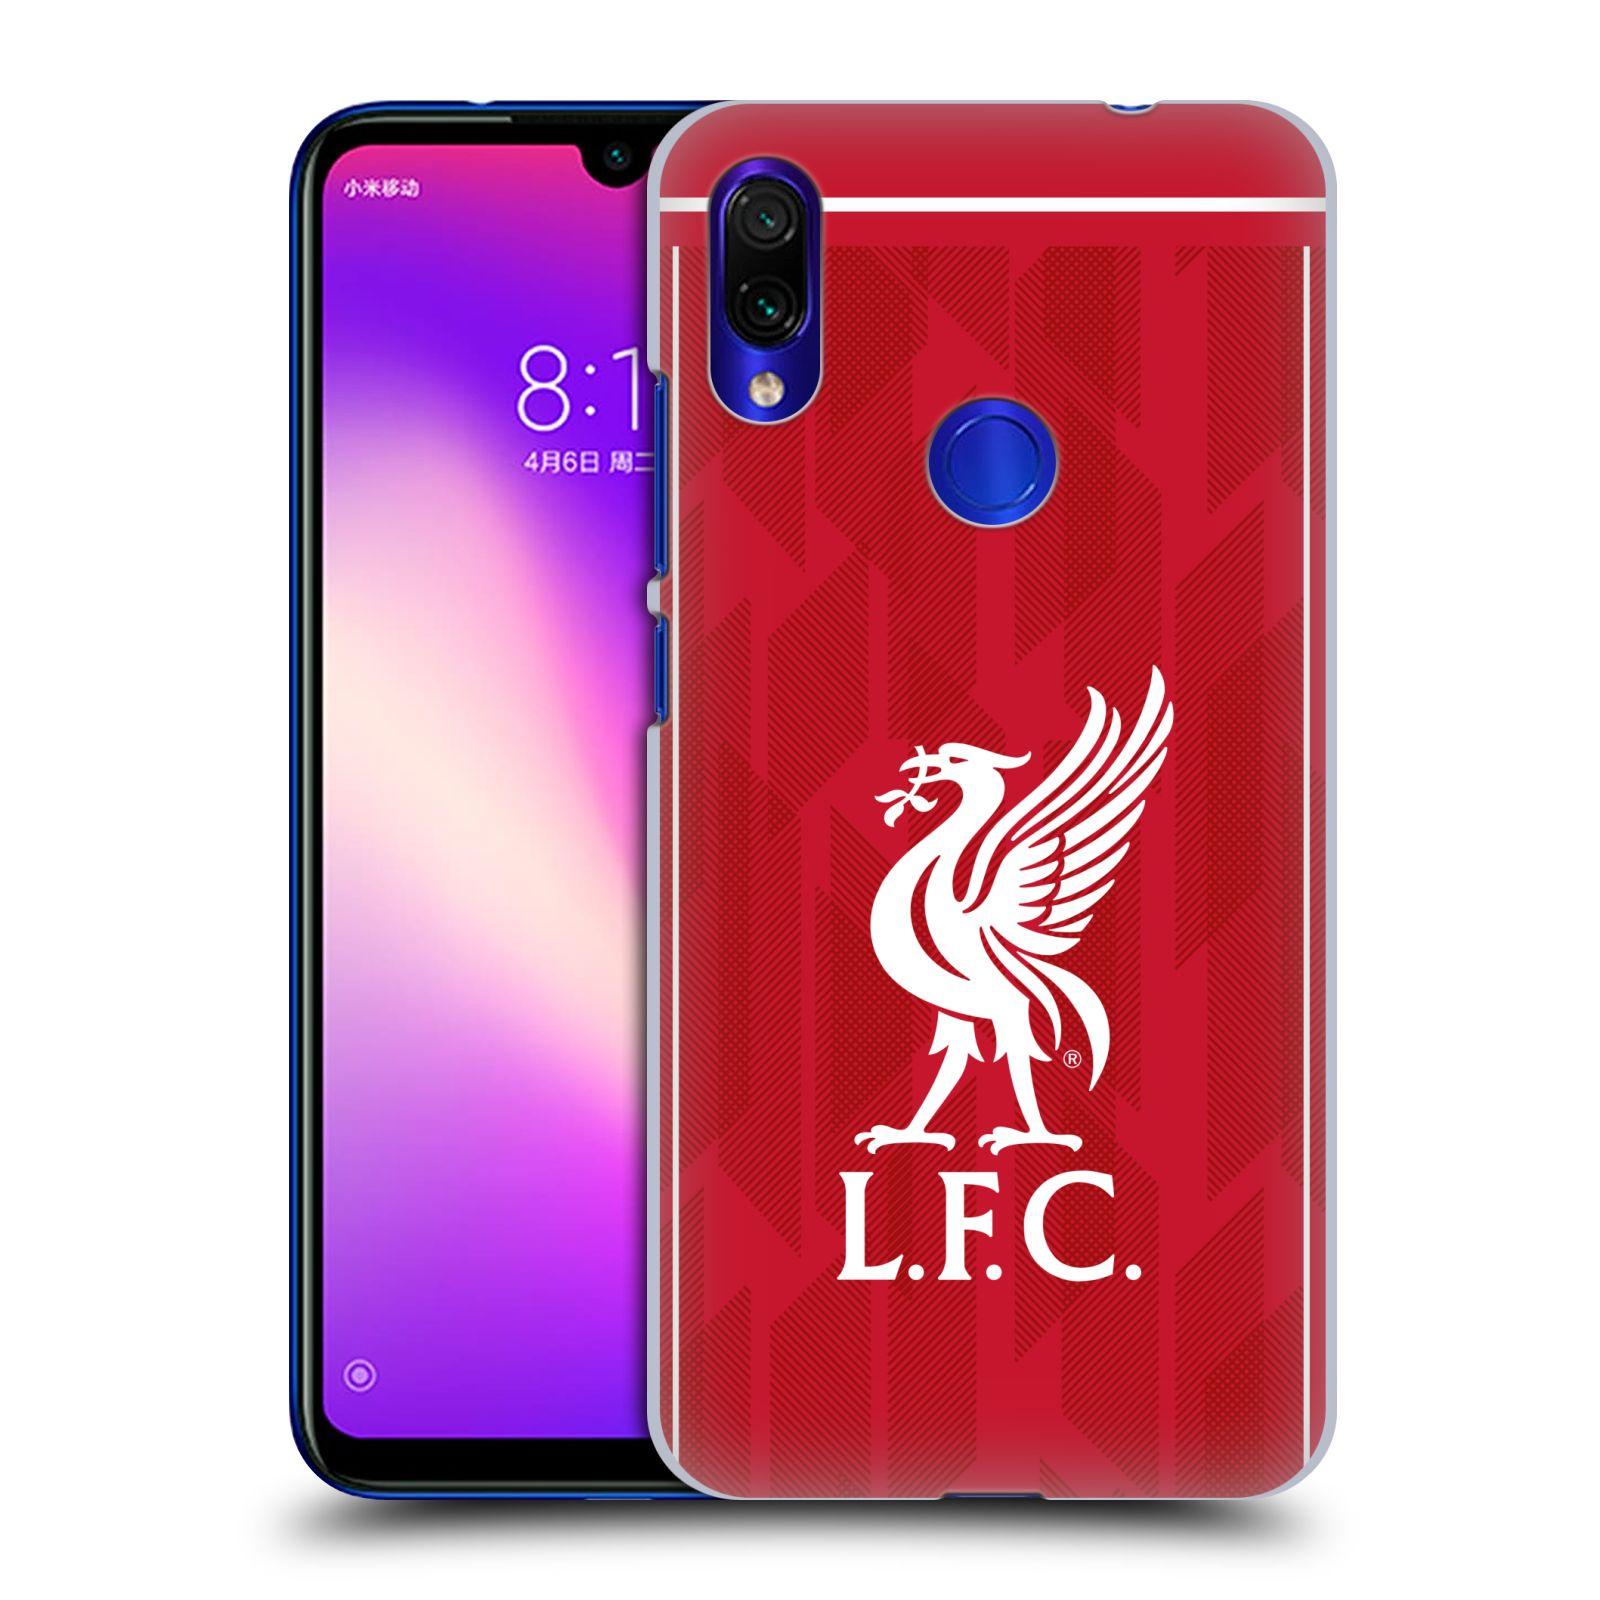 Plastové pouzdro na mobil Xiaomi Redmi Note 7 - Head Case - Liverpool FC - L.F.C. Home kit